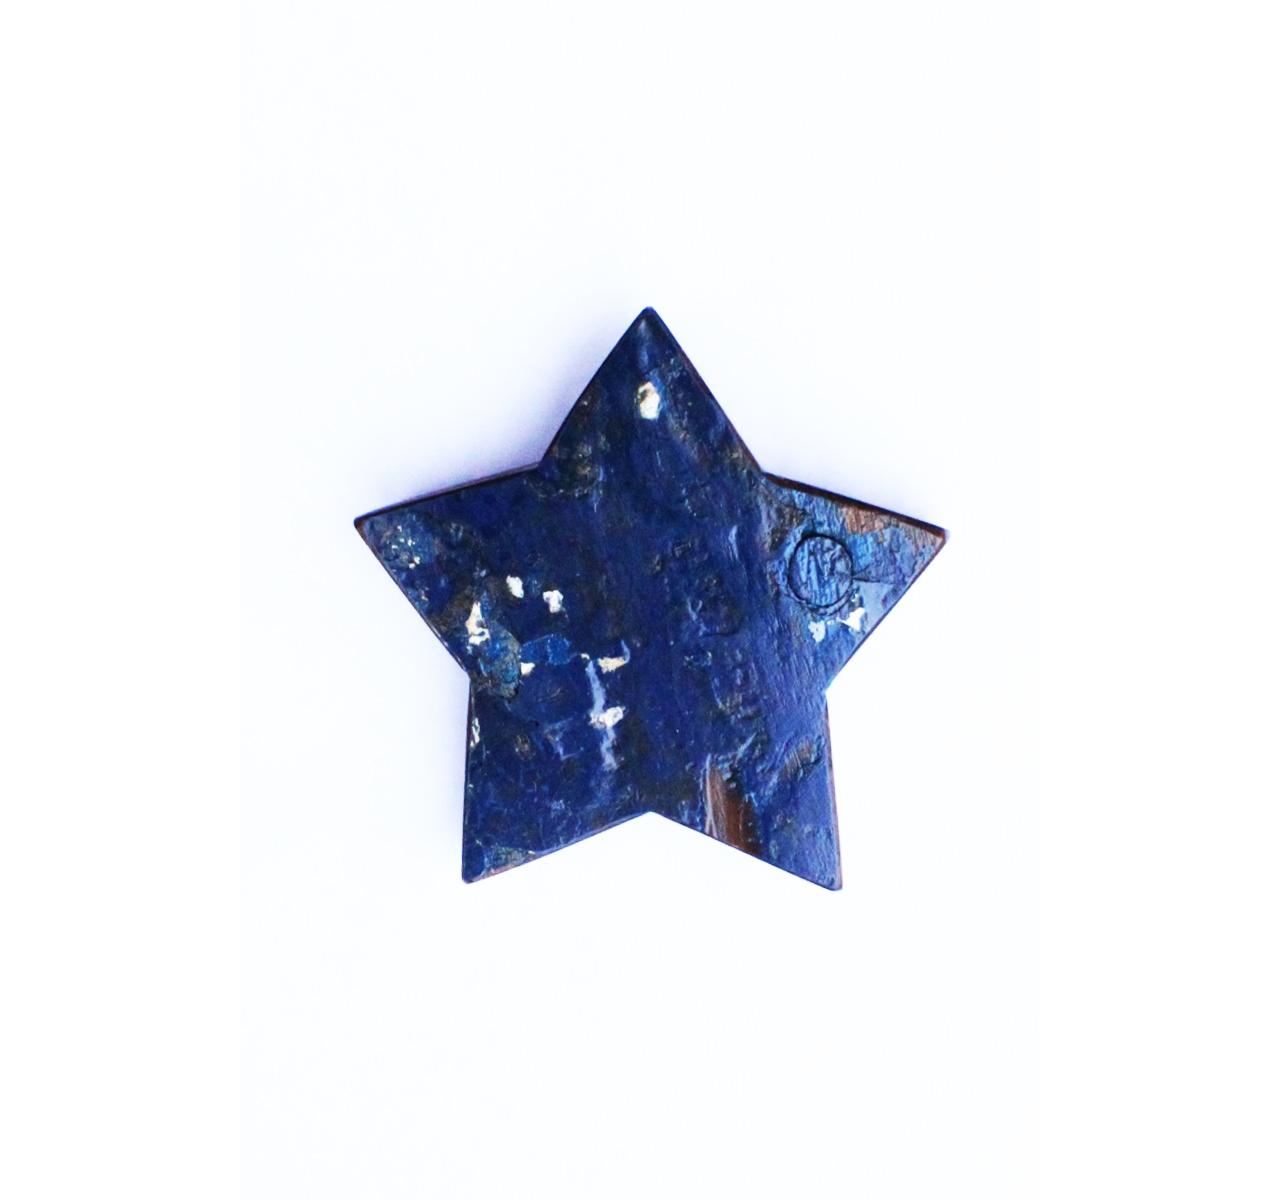 Звезда с небаДругое<br>&amp;lt;div&amp;gt;Серии настенных украшений от Like Lodka в форме сердец и звезд – прекрасная возможность проявить свою фантазию и создать уникальные композиции, а также соединить интерьер в разных частях дома единой идеей. Рисунок и фактура этих тиковых изделий не повторяются, каждый из них существует в единственном экземпляре. Но форма и цвета перекликаются друг с другом.&amp;lt;br&amp;gt;&amp;lt;/div&amp;gt;&amp;lt;div&amp;gt;&amp;lt;br&amp;gt;&amp;lt;/div&amp;gt;Звезда выполнена из фрагмента настоящего рыболовецкого судна, возраст которого 20-50 лет.<br><br>Material: Тик